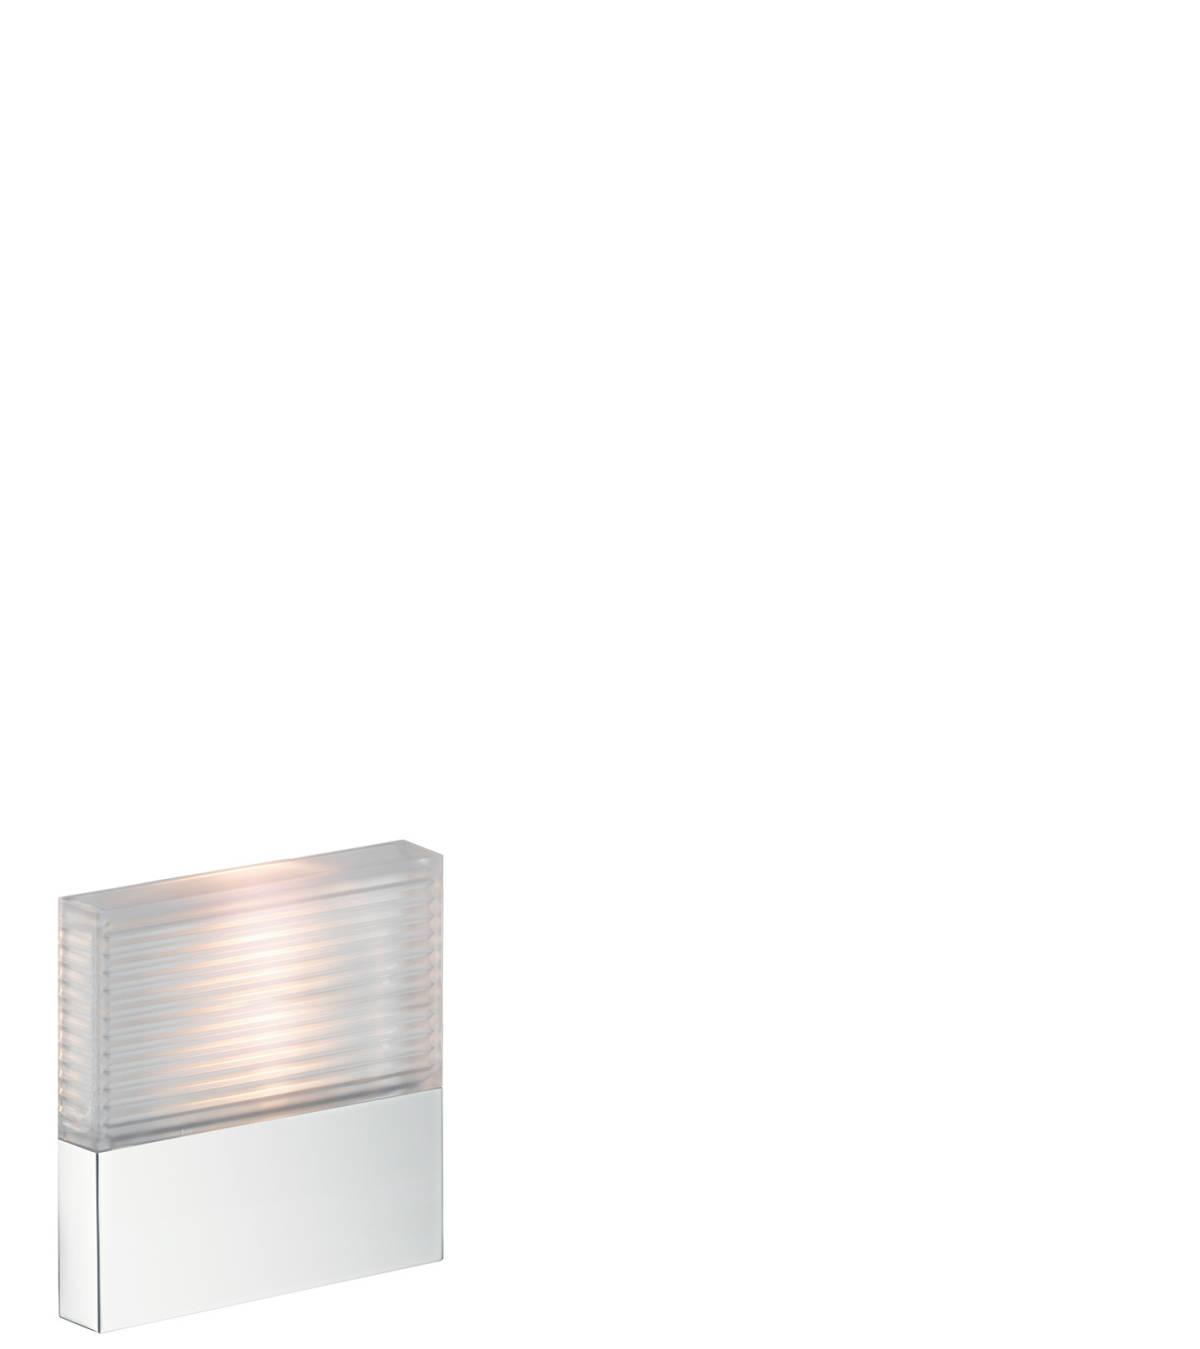 Lichtmodul 120/120 Unterputz, Chrom, 40871000